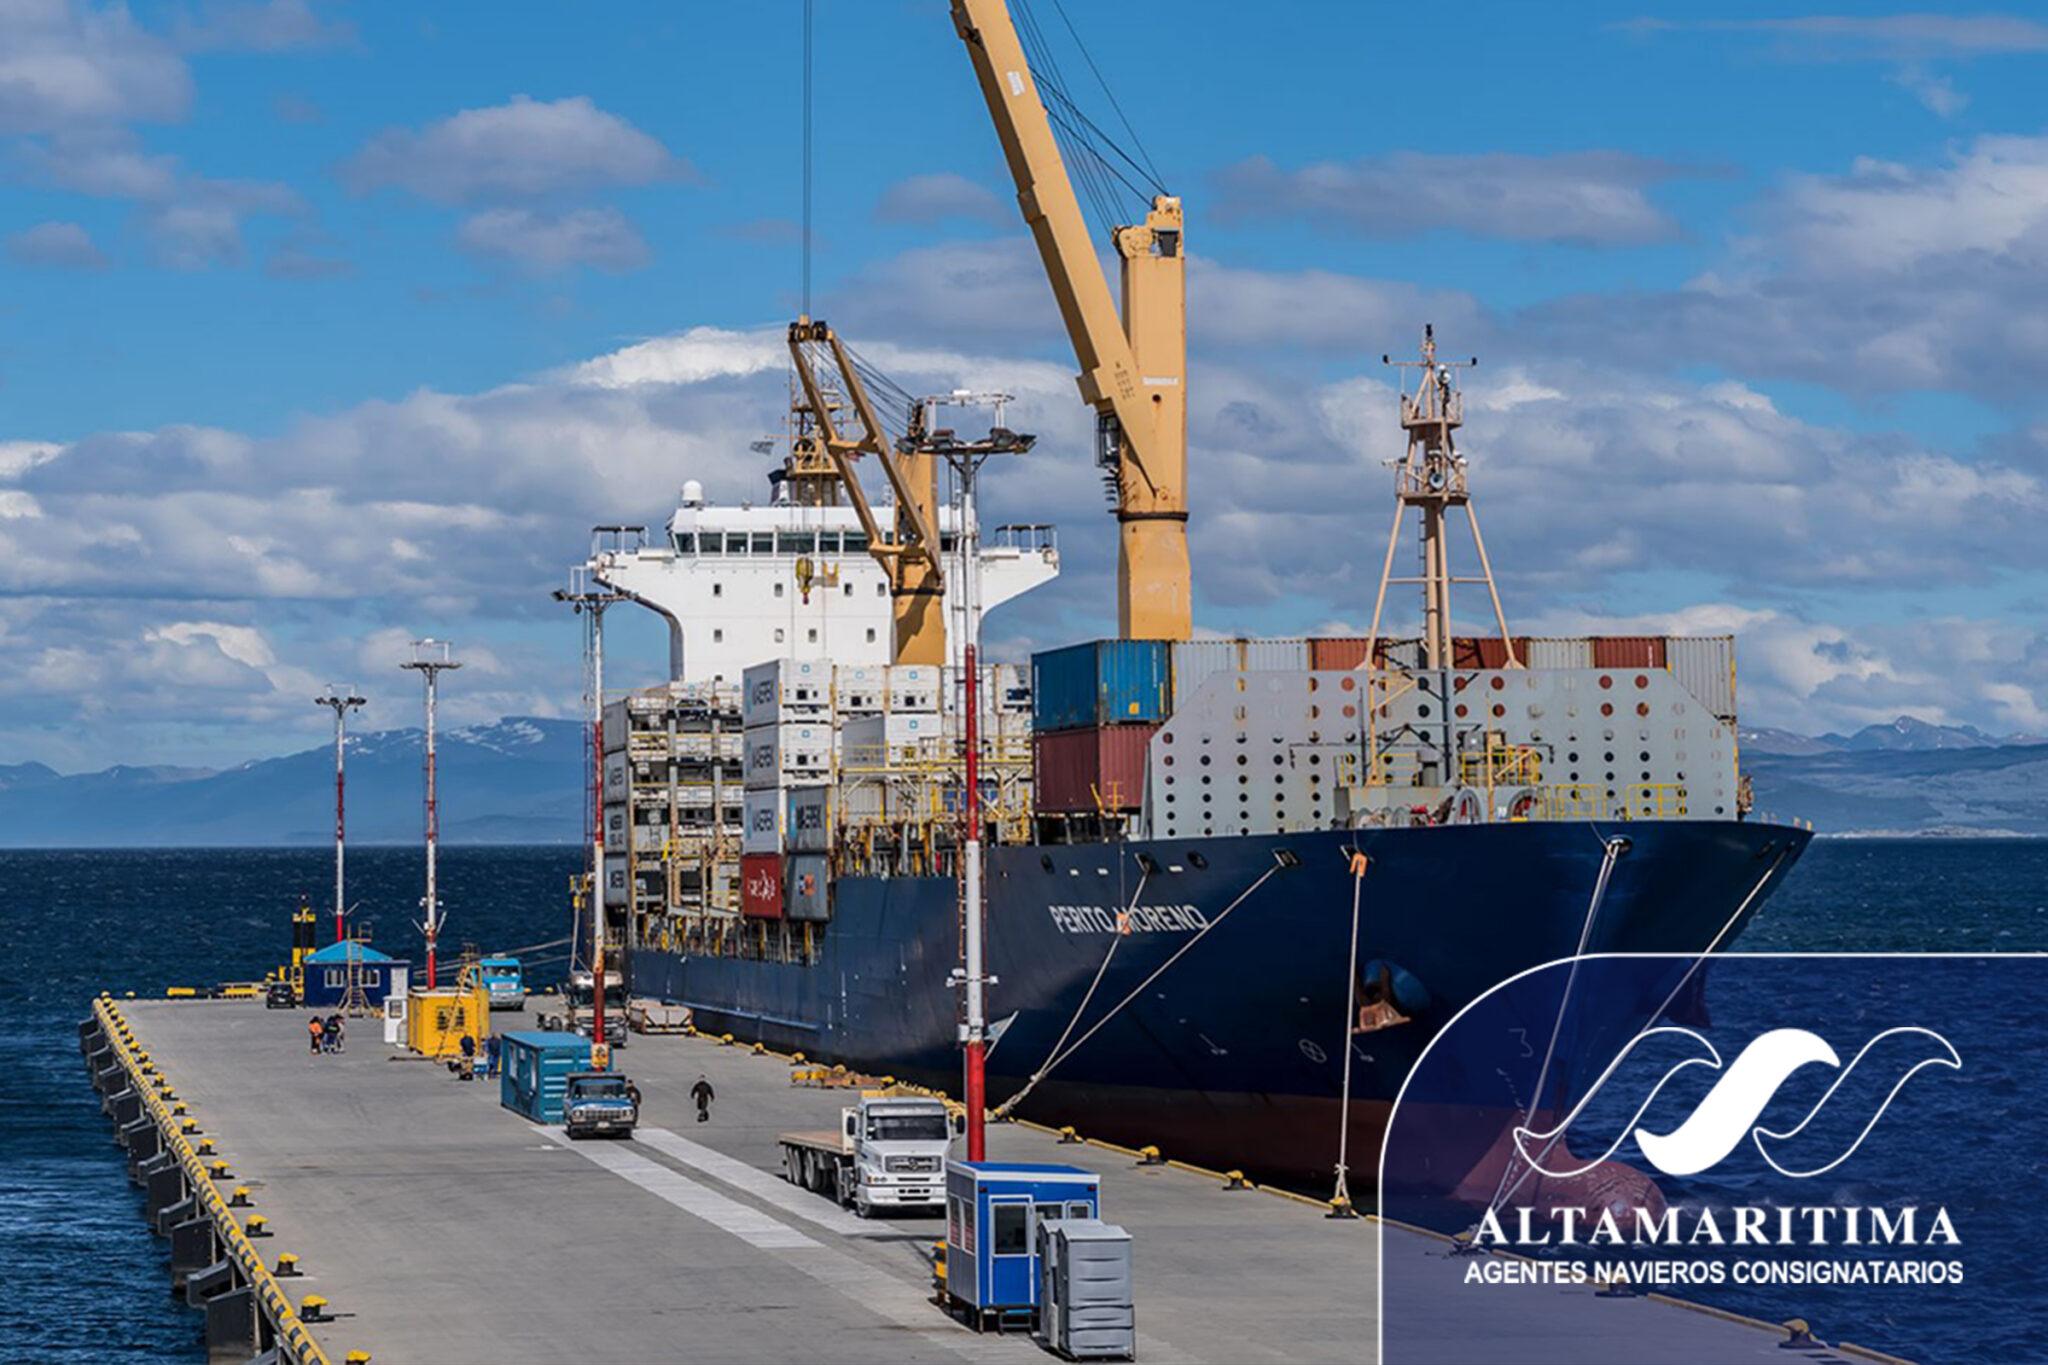 Exportador Autorizado y Exportador Registrado: diferencias y similitudes